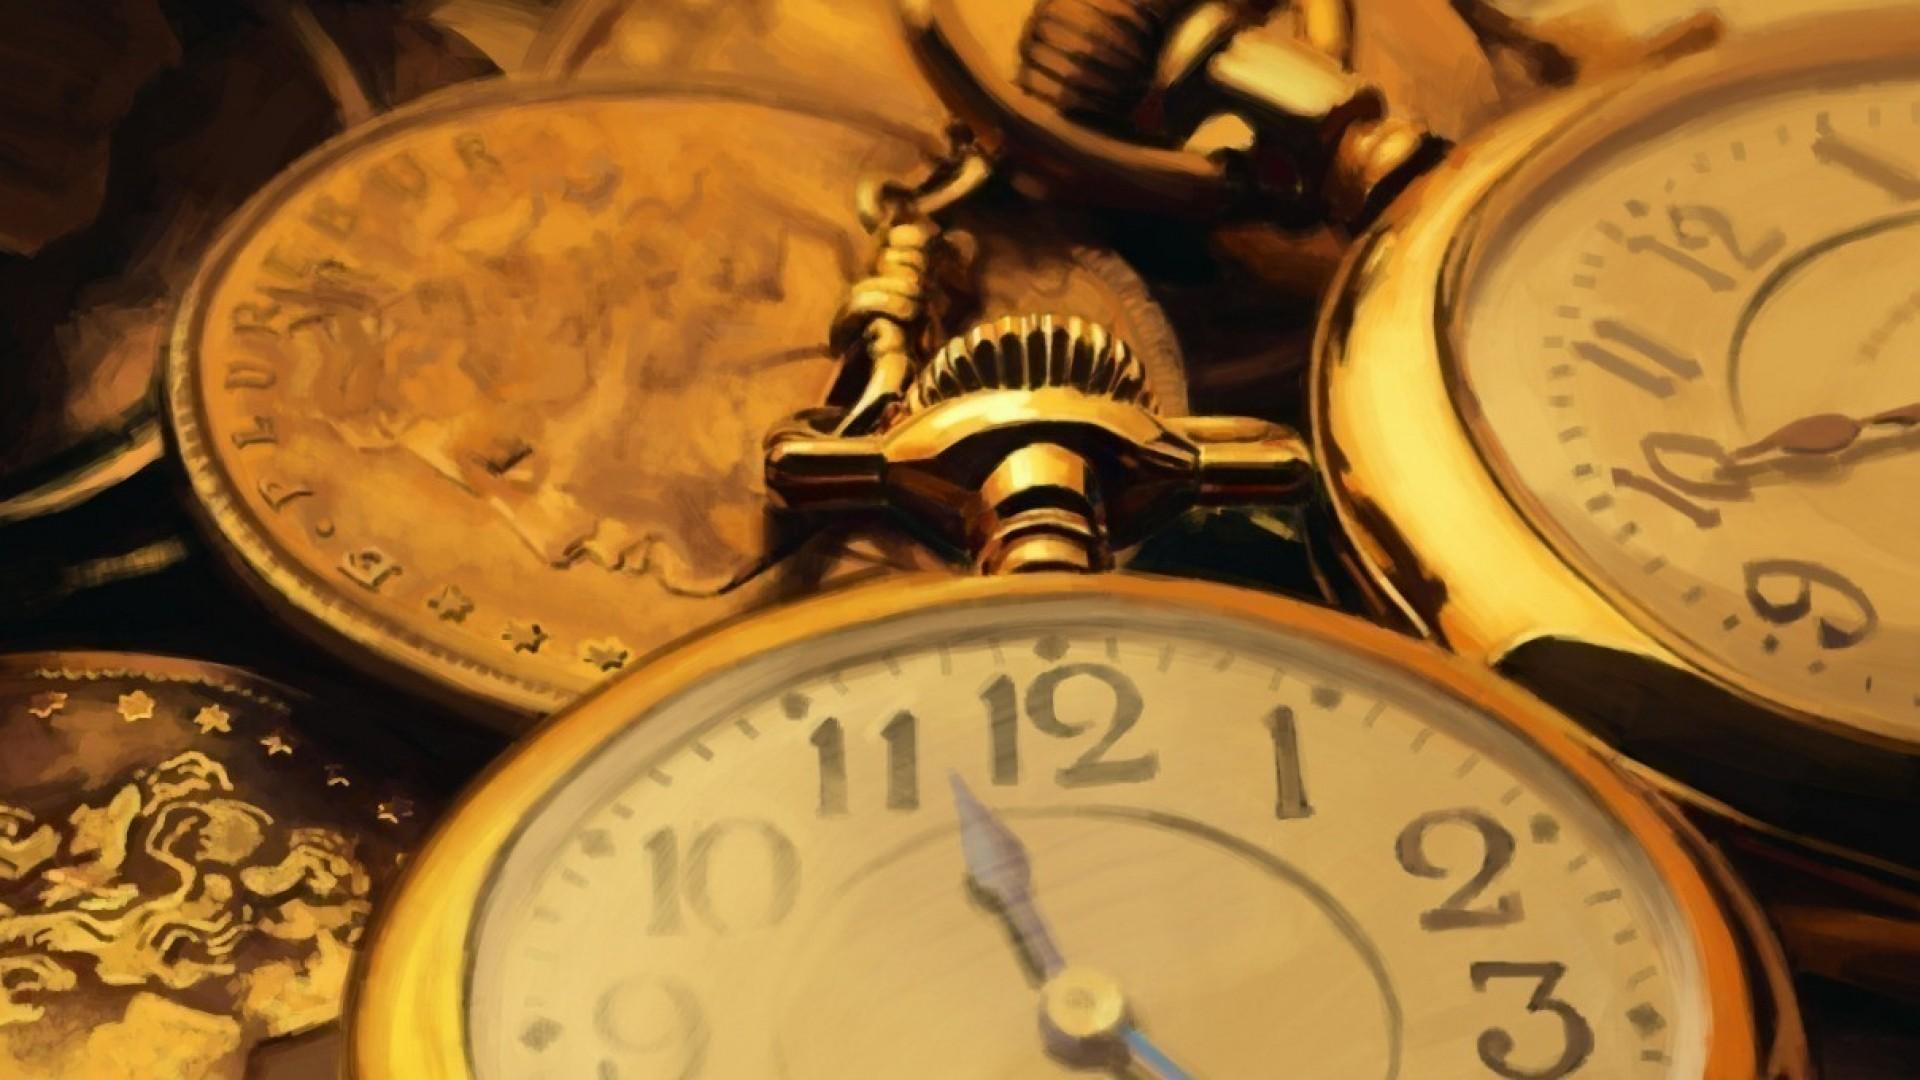 Тест: Умеете ли вы чувствовать время?